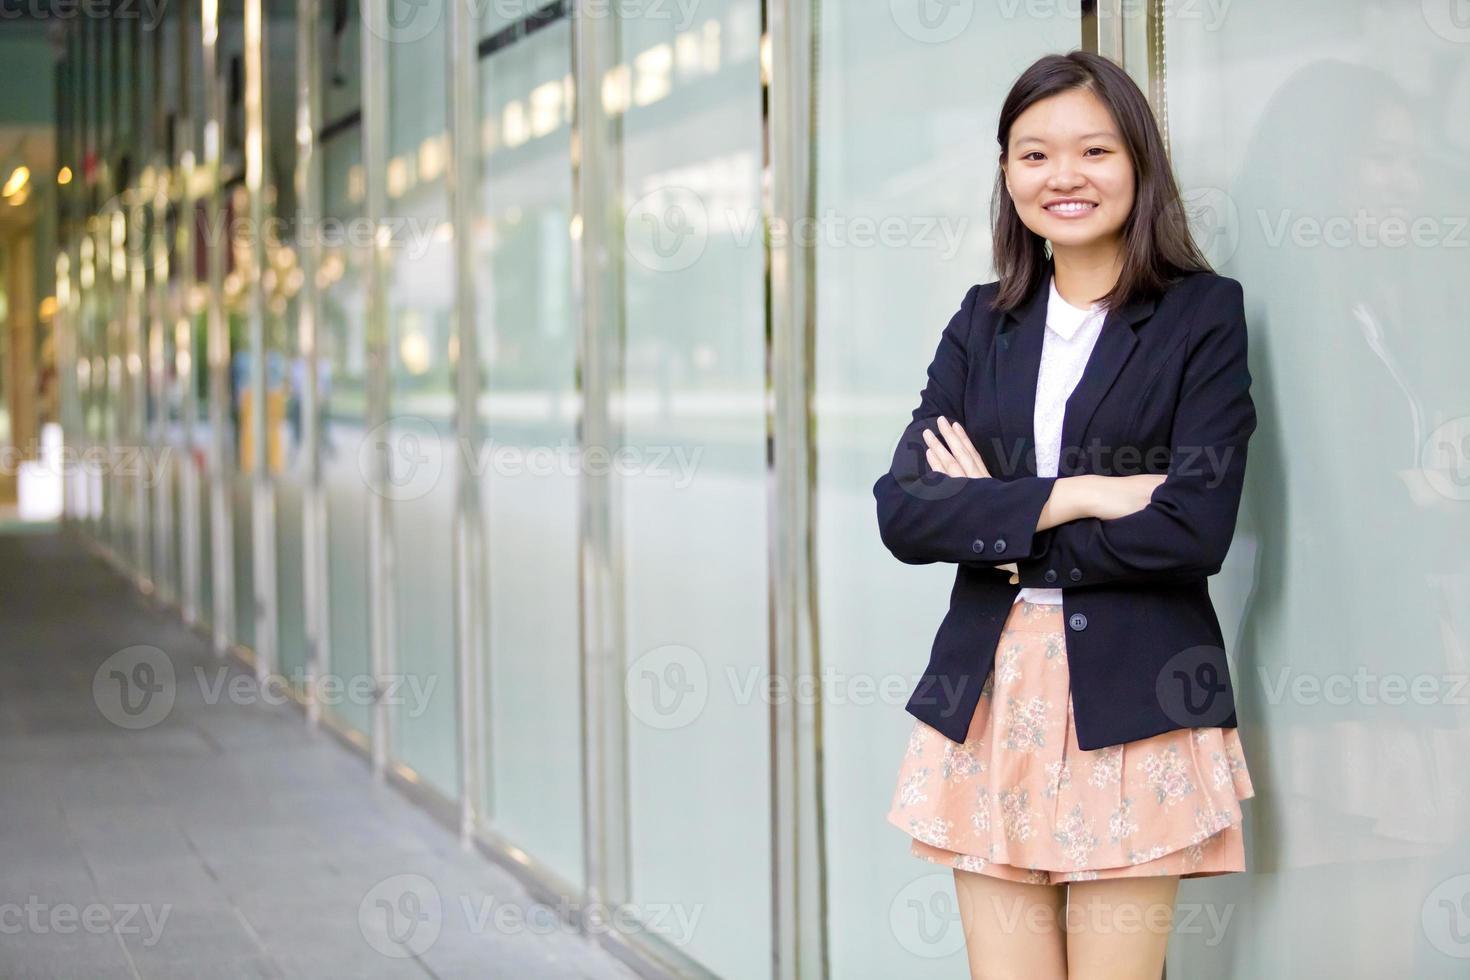 jonge vrouwelijke Aziatische directeur lachend portret foto